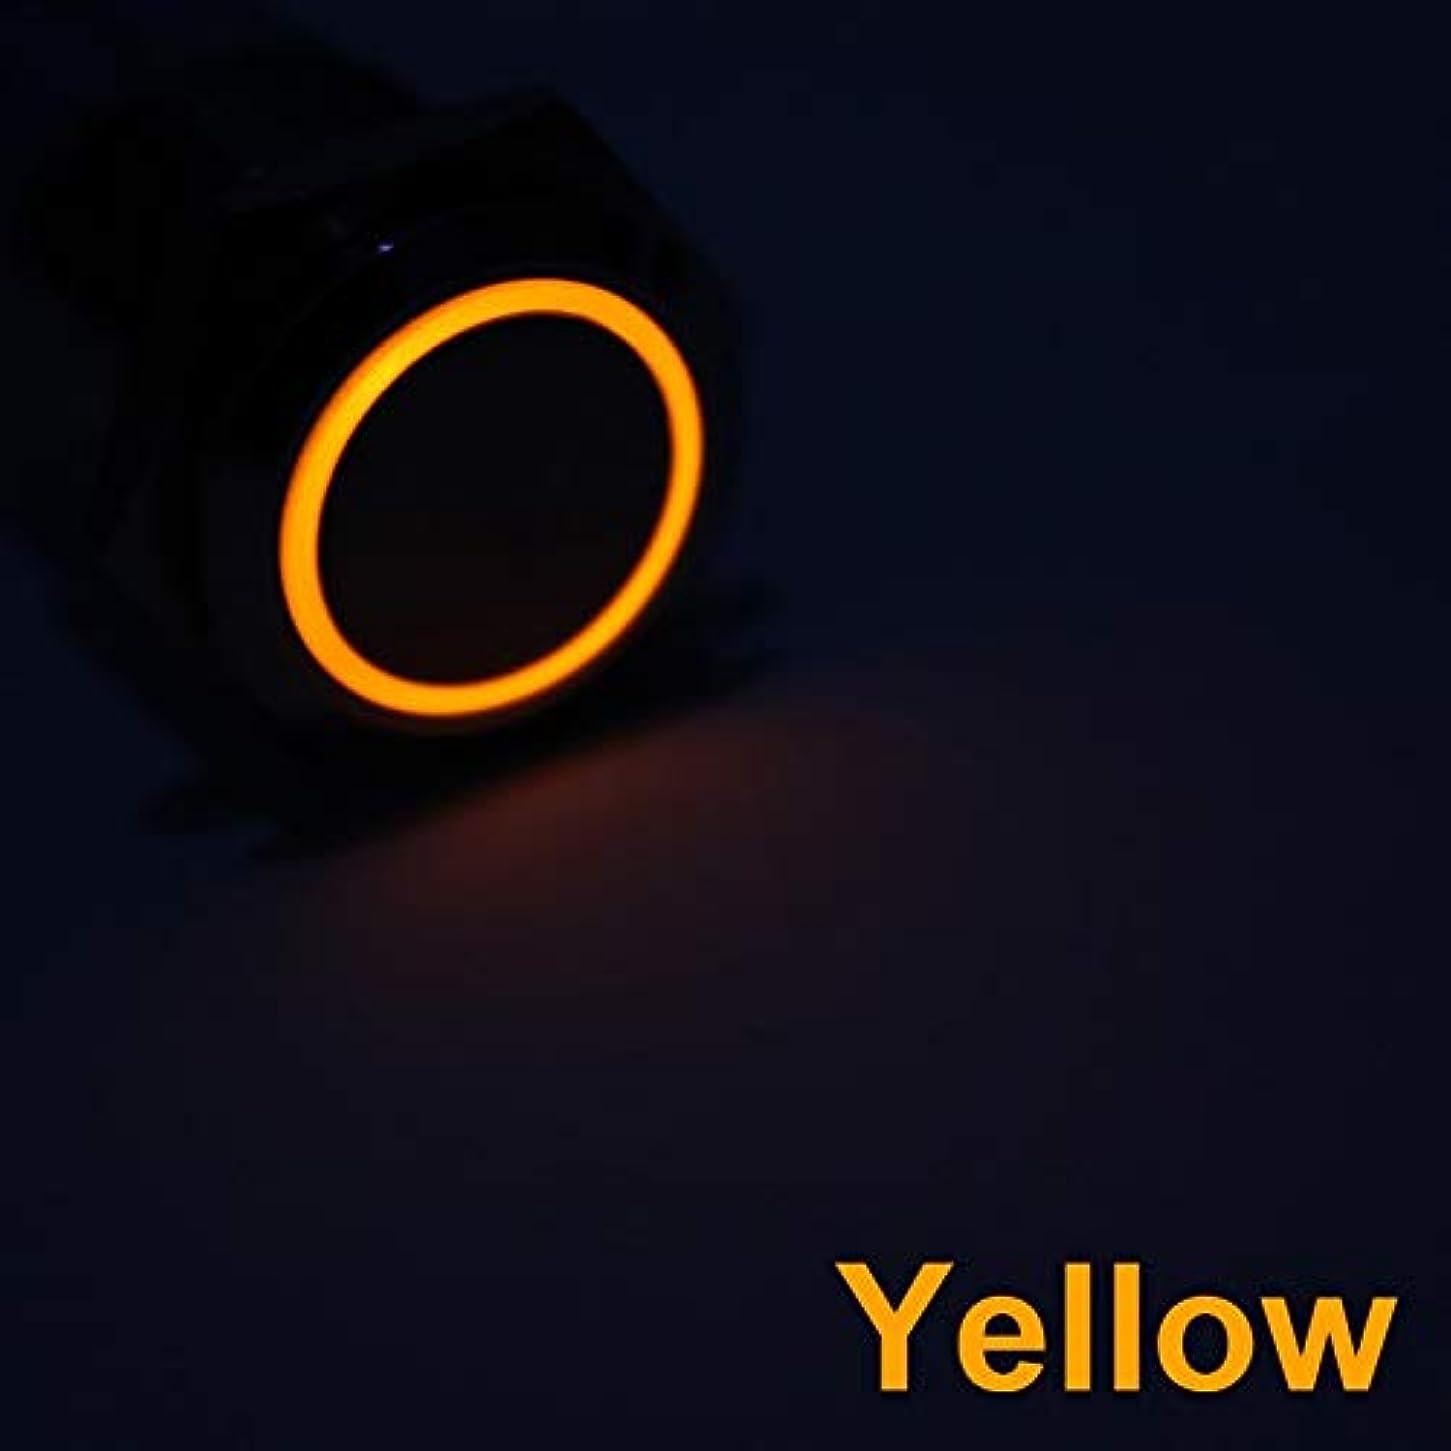 専らゲートタイプDYWJ 16ミリメートル金属プッシュボタンスイッチ電源ボタン防水平坦な円形ボタンLEDライトセルフロックセルフリセットボタン1NO1NC 6V、12V (Color : Yellow light, Size : Momentary Reset)